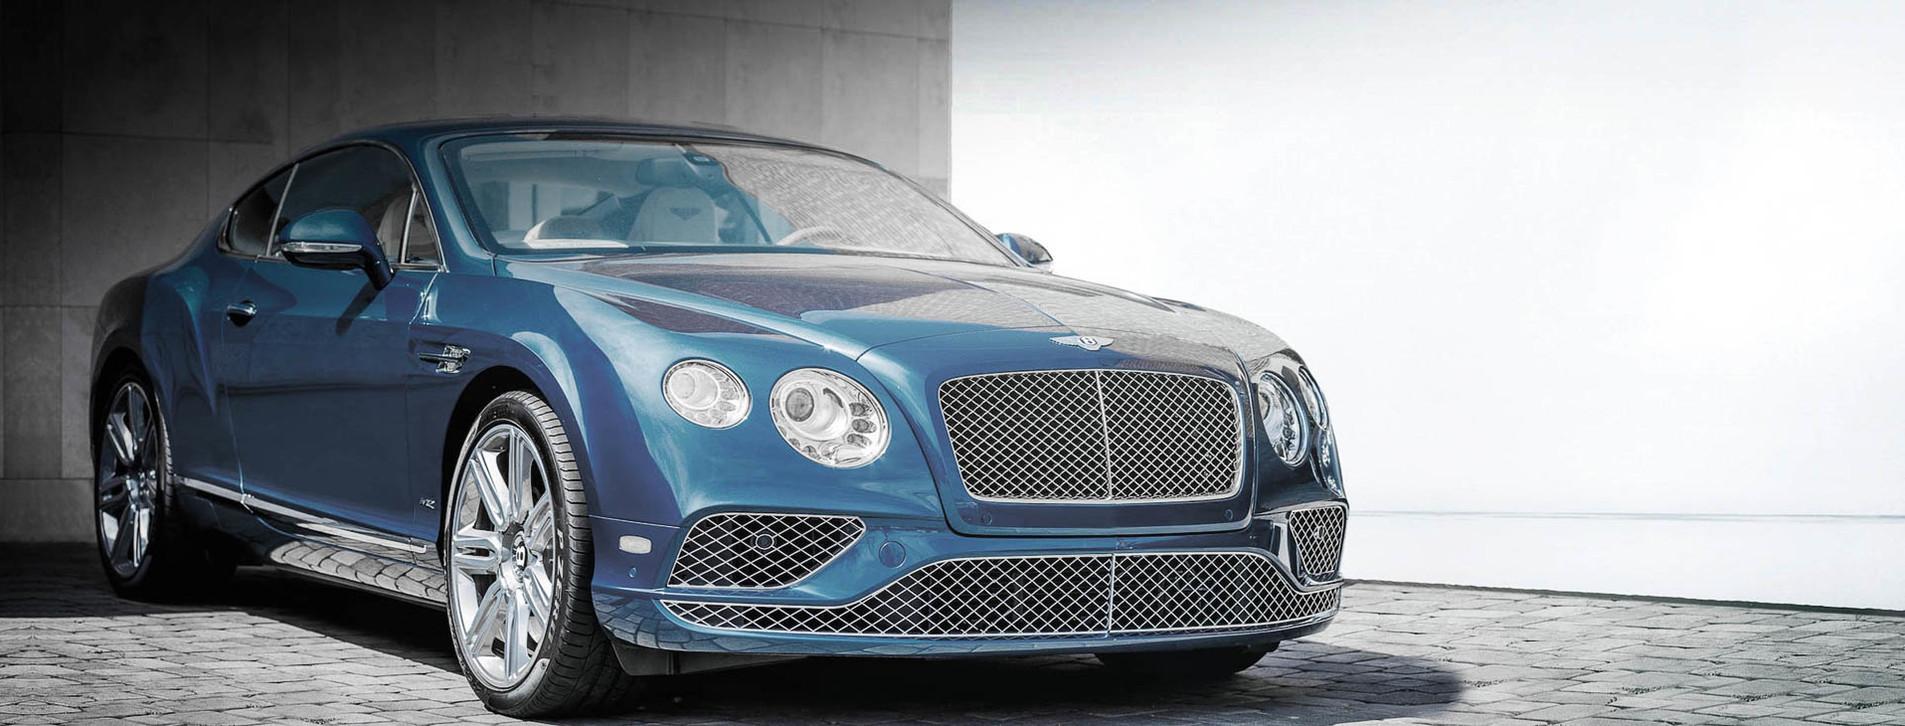 Фото 1 - Bentley с водителем на день